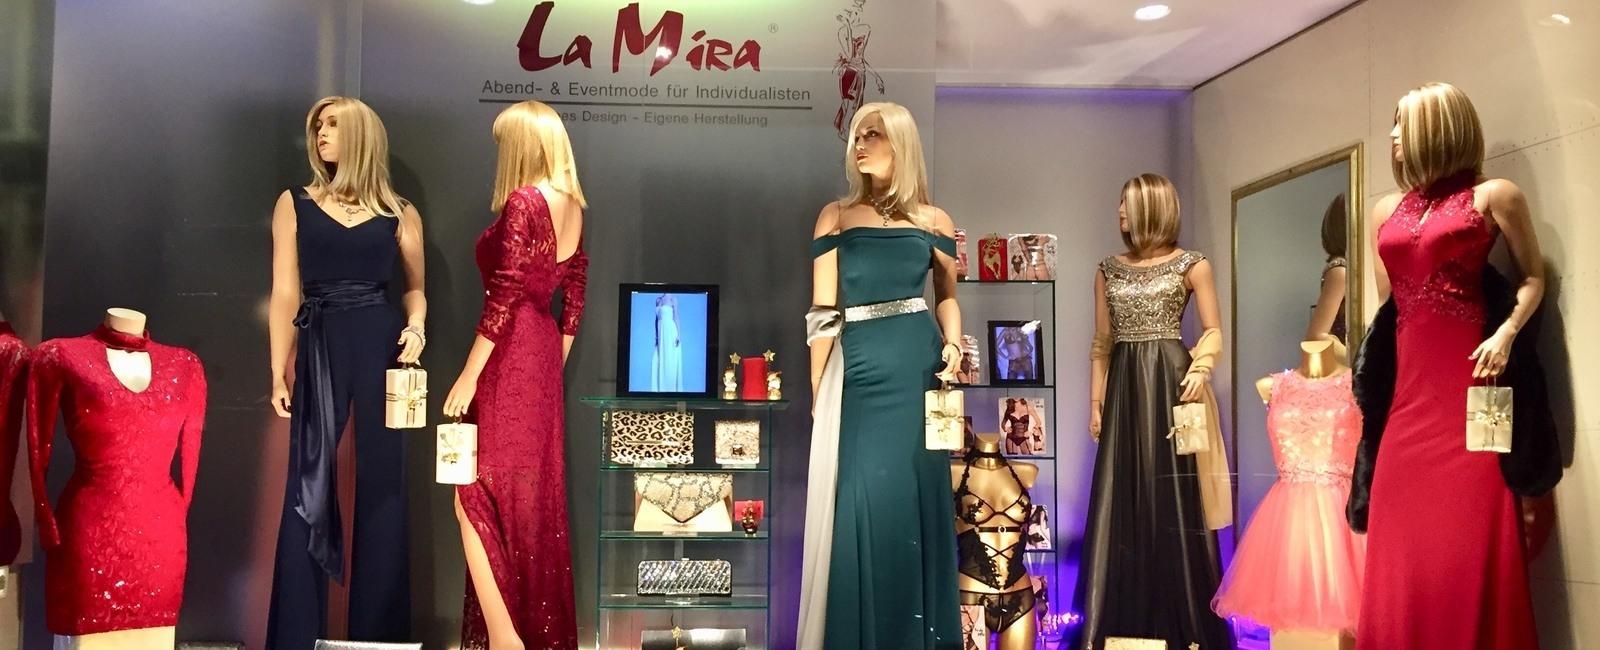 13 Leicht Abendkleider Geschäfte Ärmel13 Coolste Abendkleider Geschäfte Design